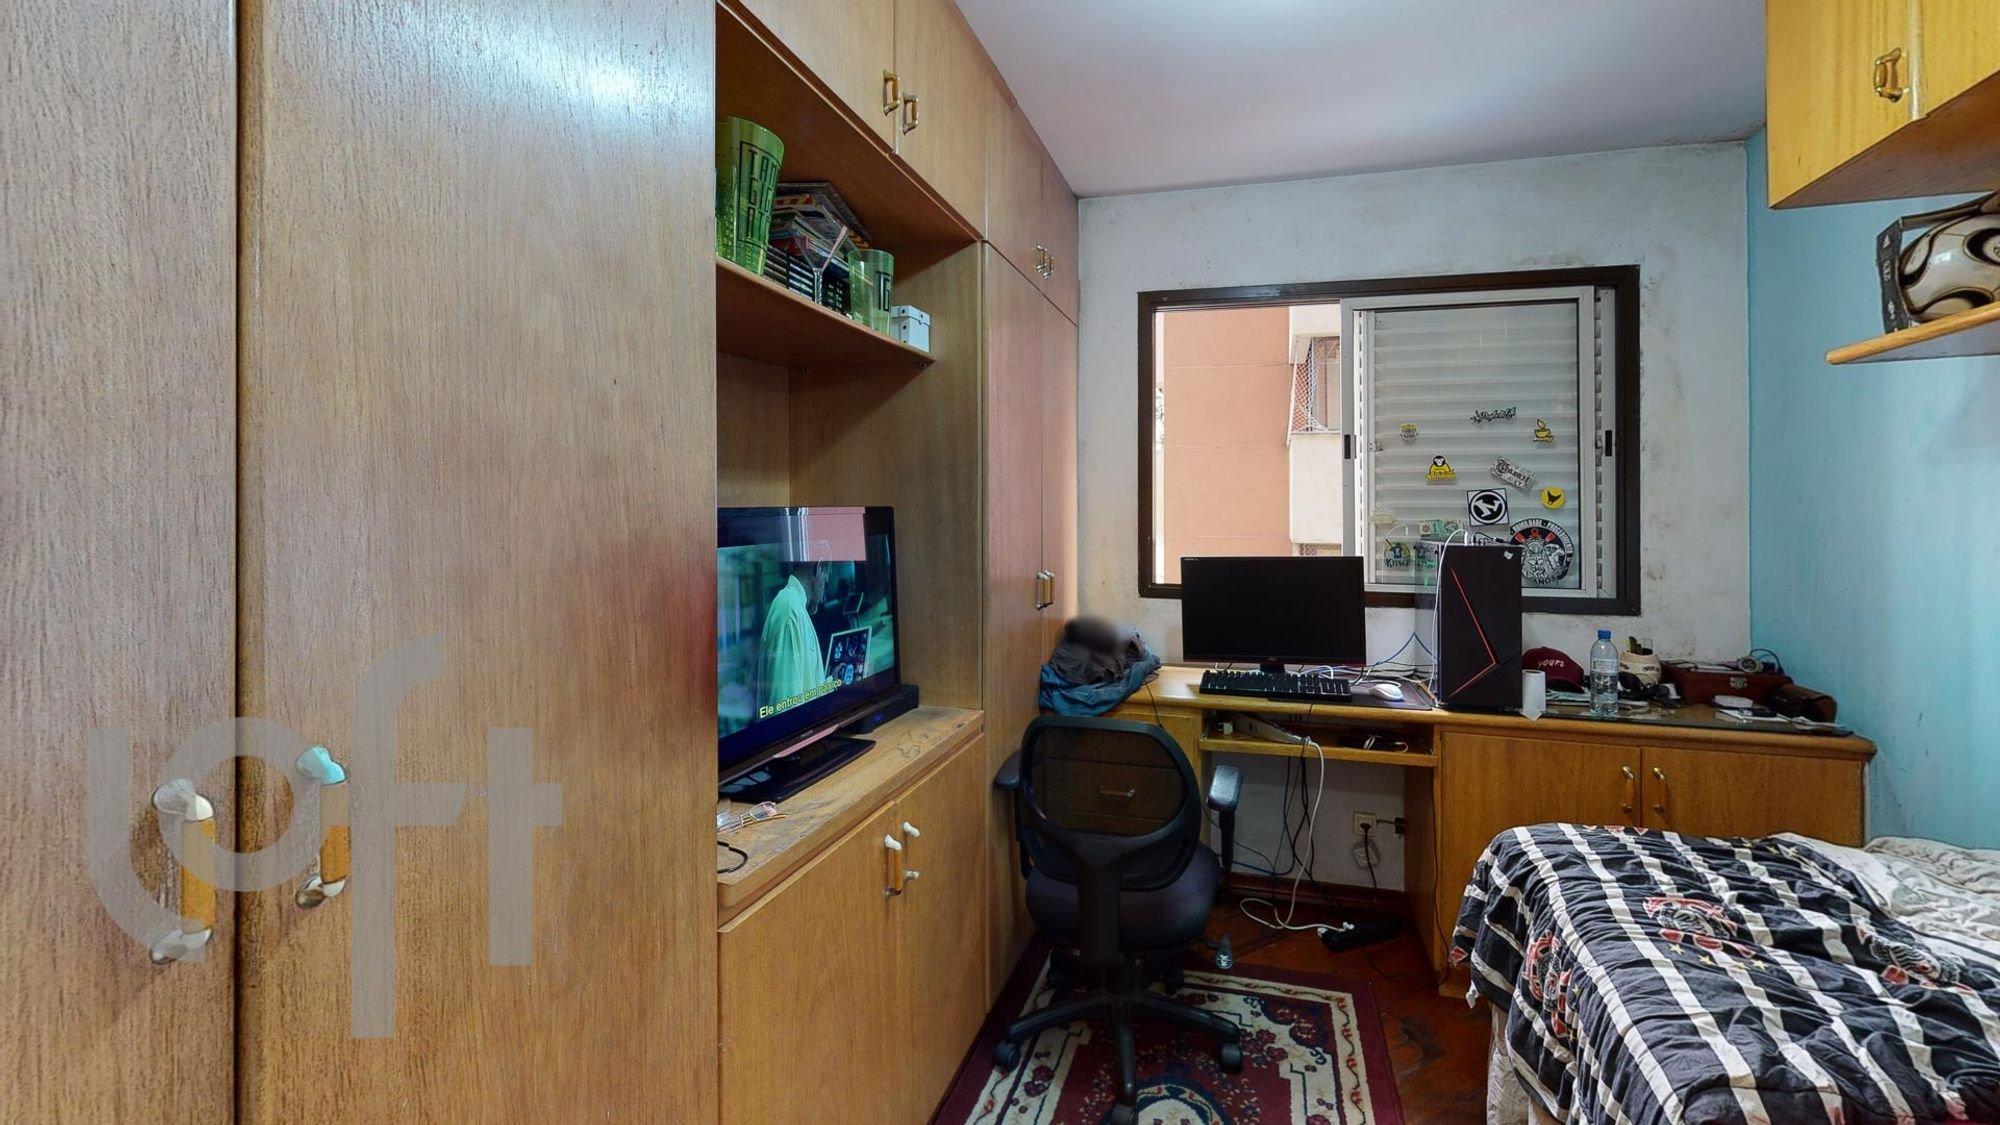 Foto de Quarto com cama, teclado, televisão, garrafa, cadeira